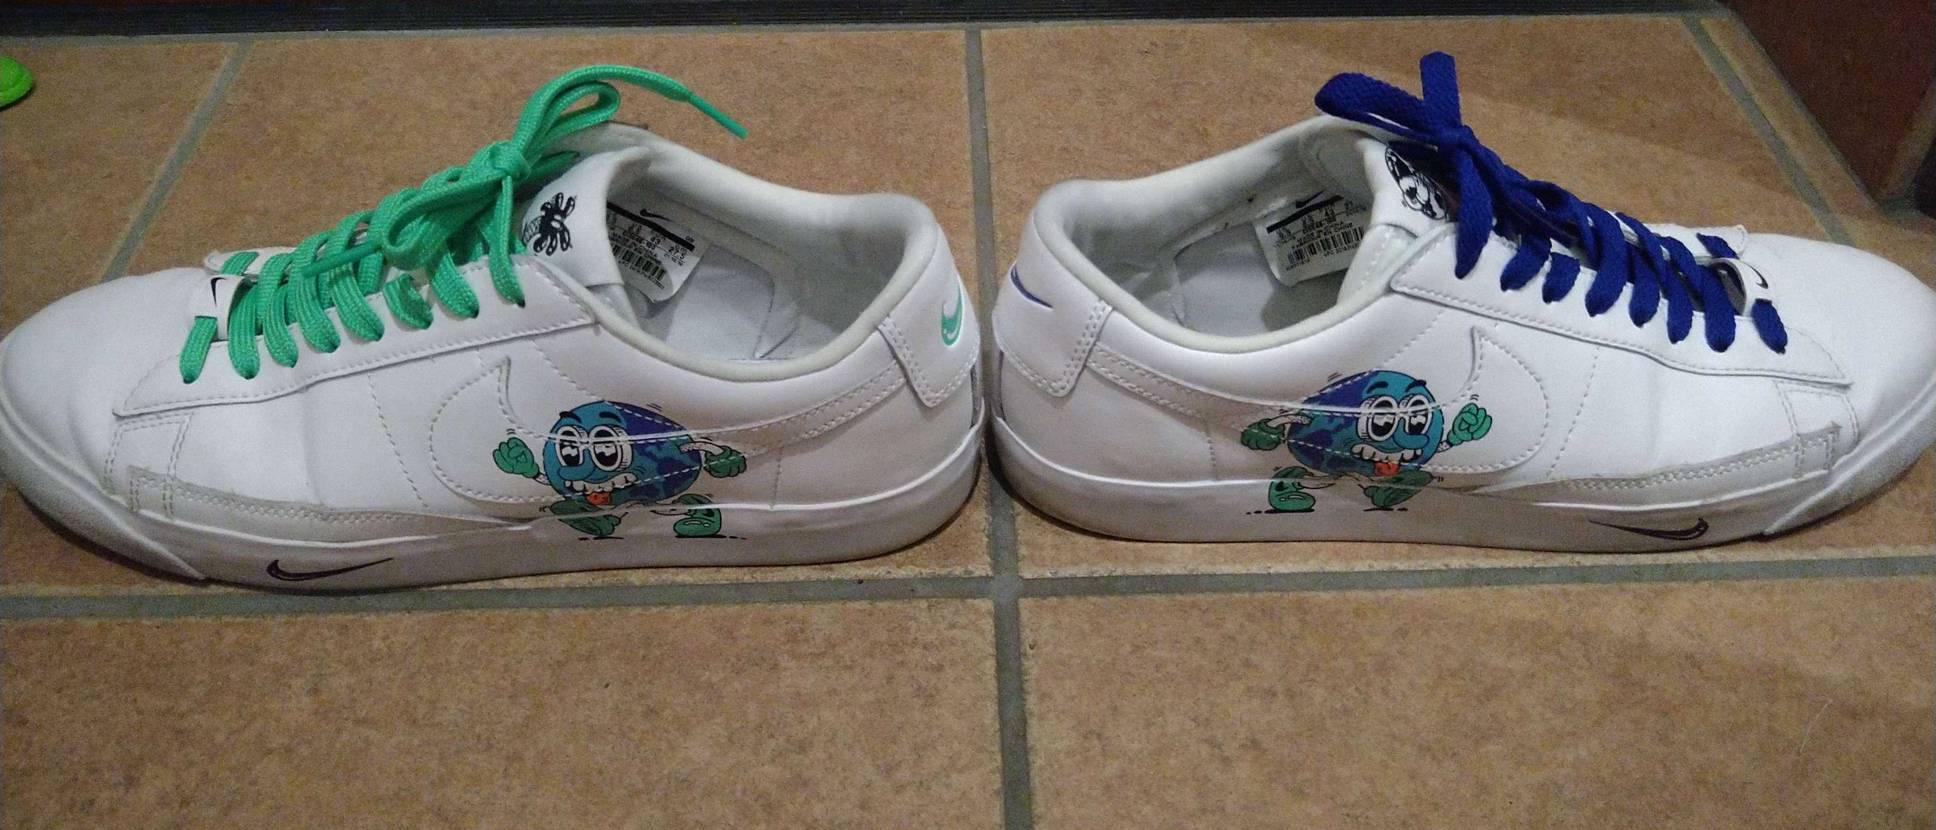 この靴は私的にかなりお気に入りです☆ 気分転換に、シューレス